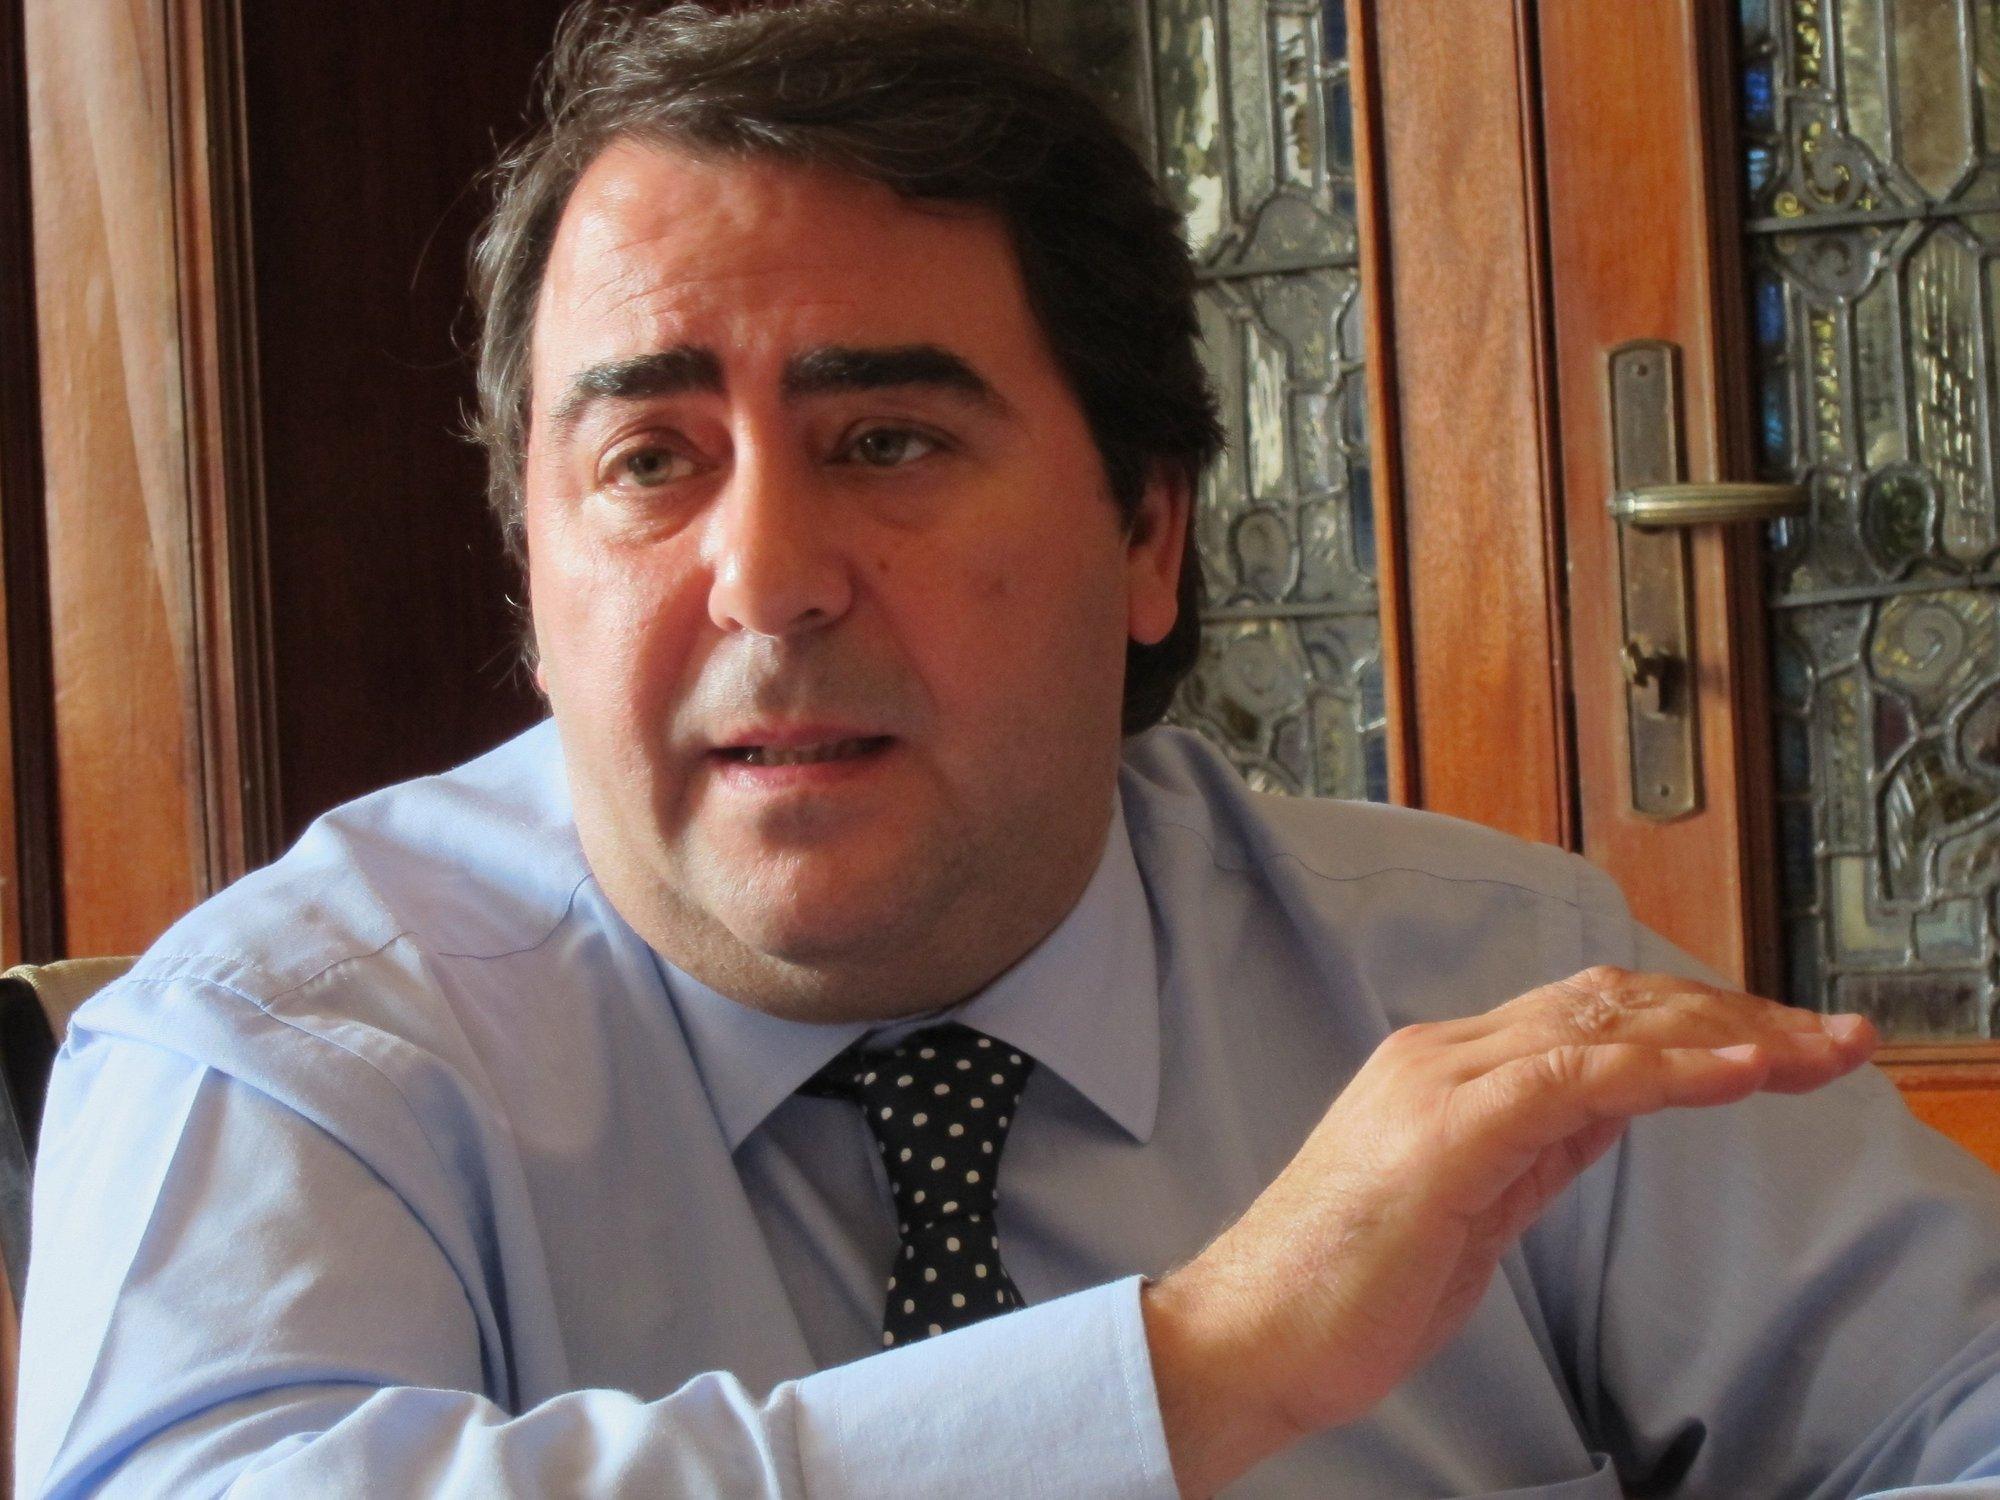 El alcalde de A Coruña de que «se está haciendo todo lo posible» para encontrar a los tres desaparecidos en el Orzán